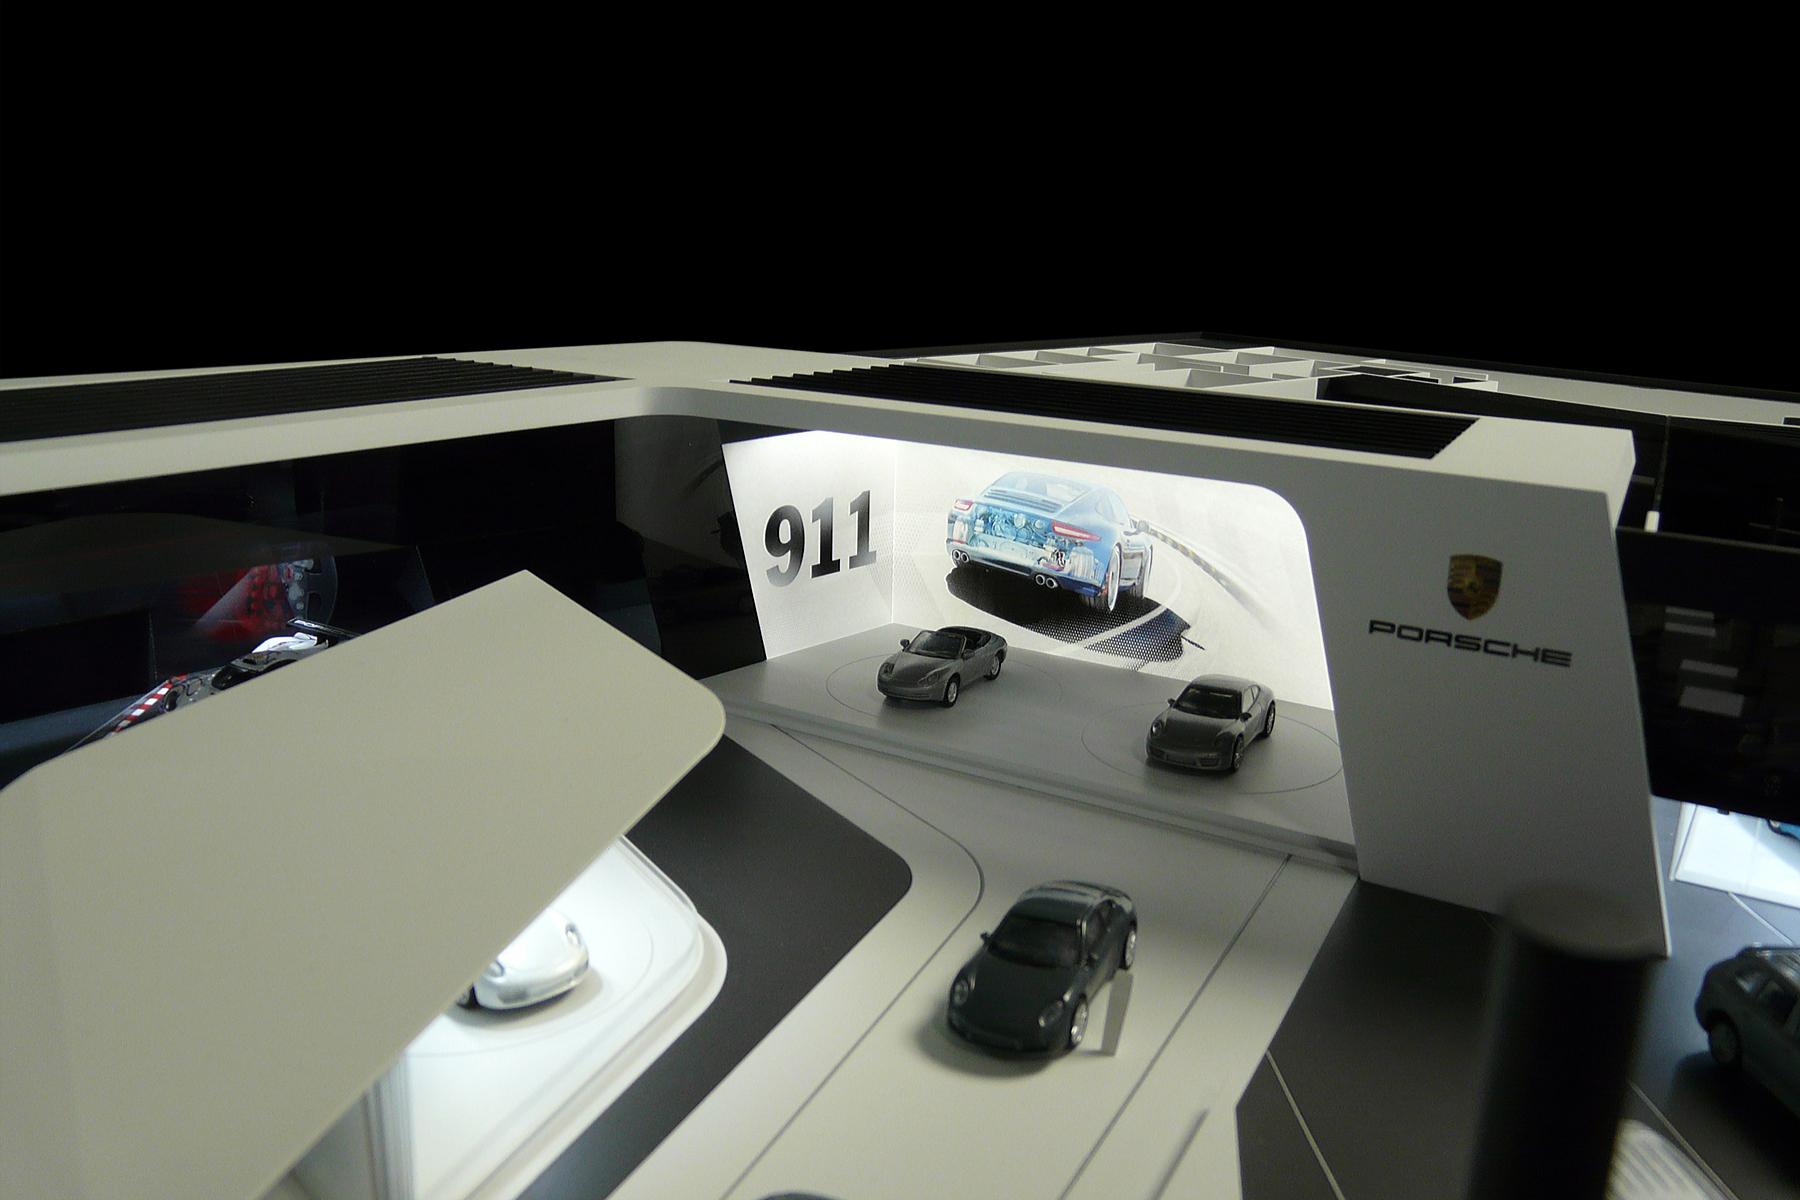 architekturmodell porsche messestand bei der internationalen automobil ausstellung 2015 b la